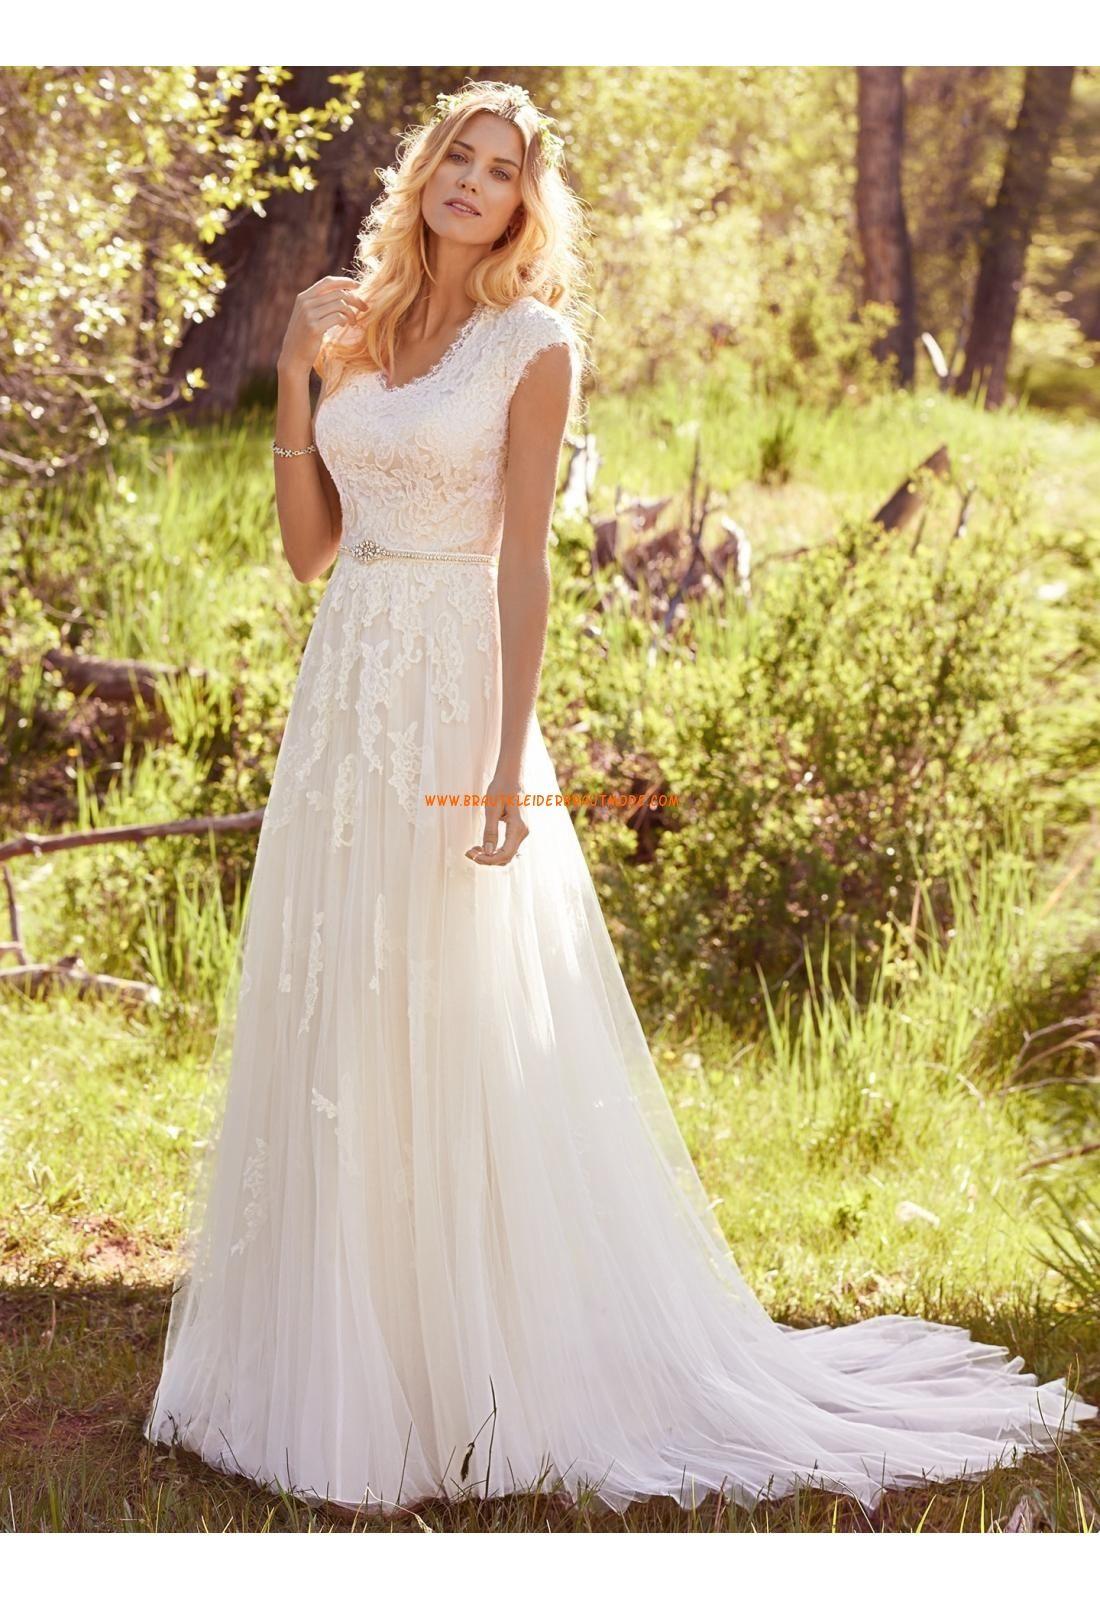 A-linie Glamouröse Schöne Brautkleider aus Tüll mit Applikation ...